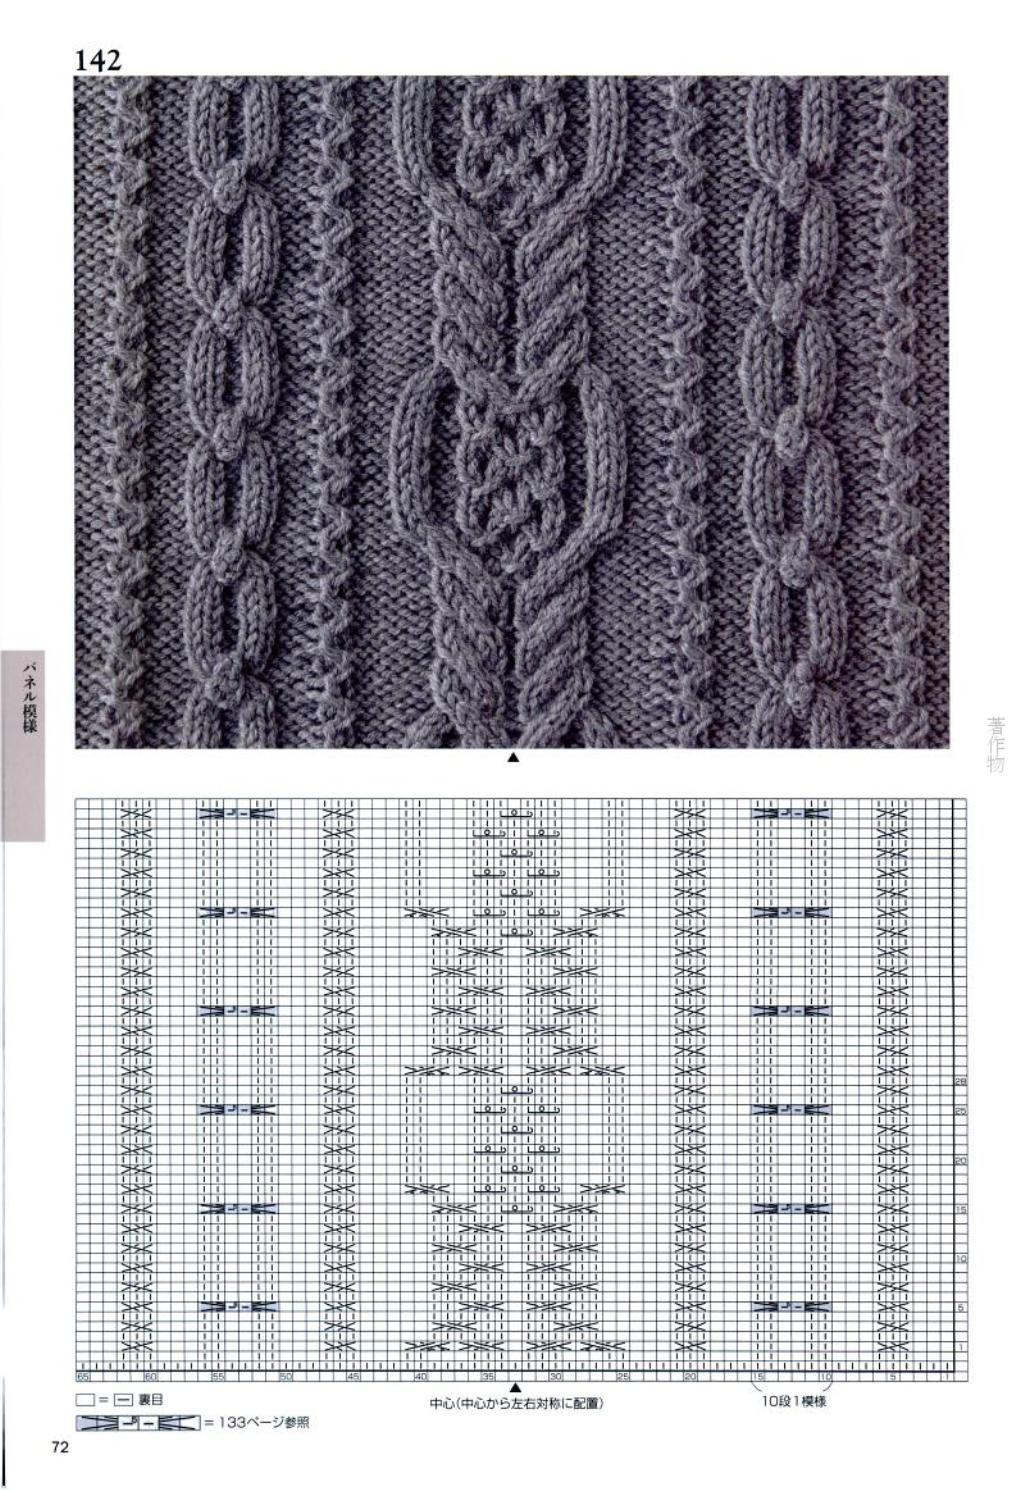 patrones japoneses para hacer punto con los esquemas para el sitio ...